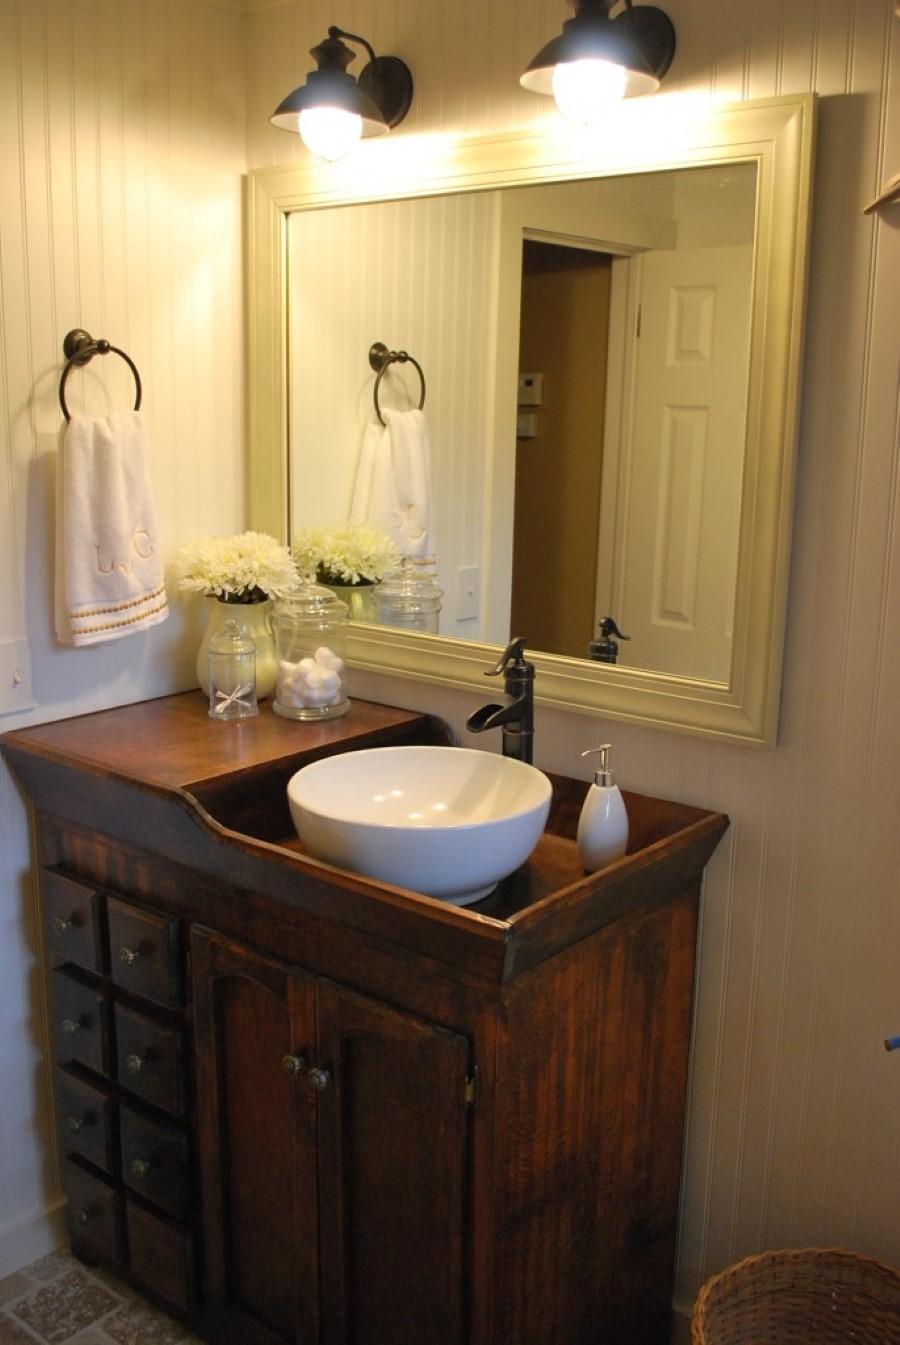 Unique Bathroom Design With Wooden